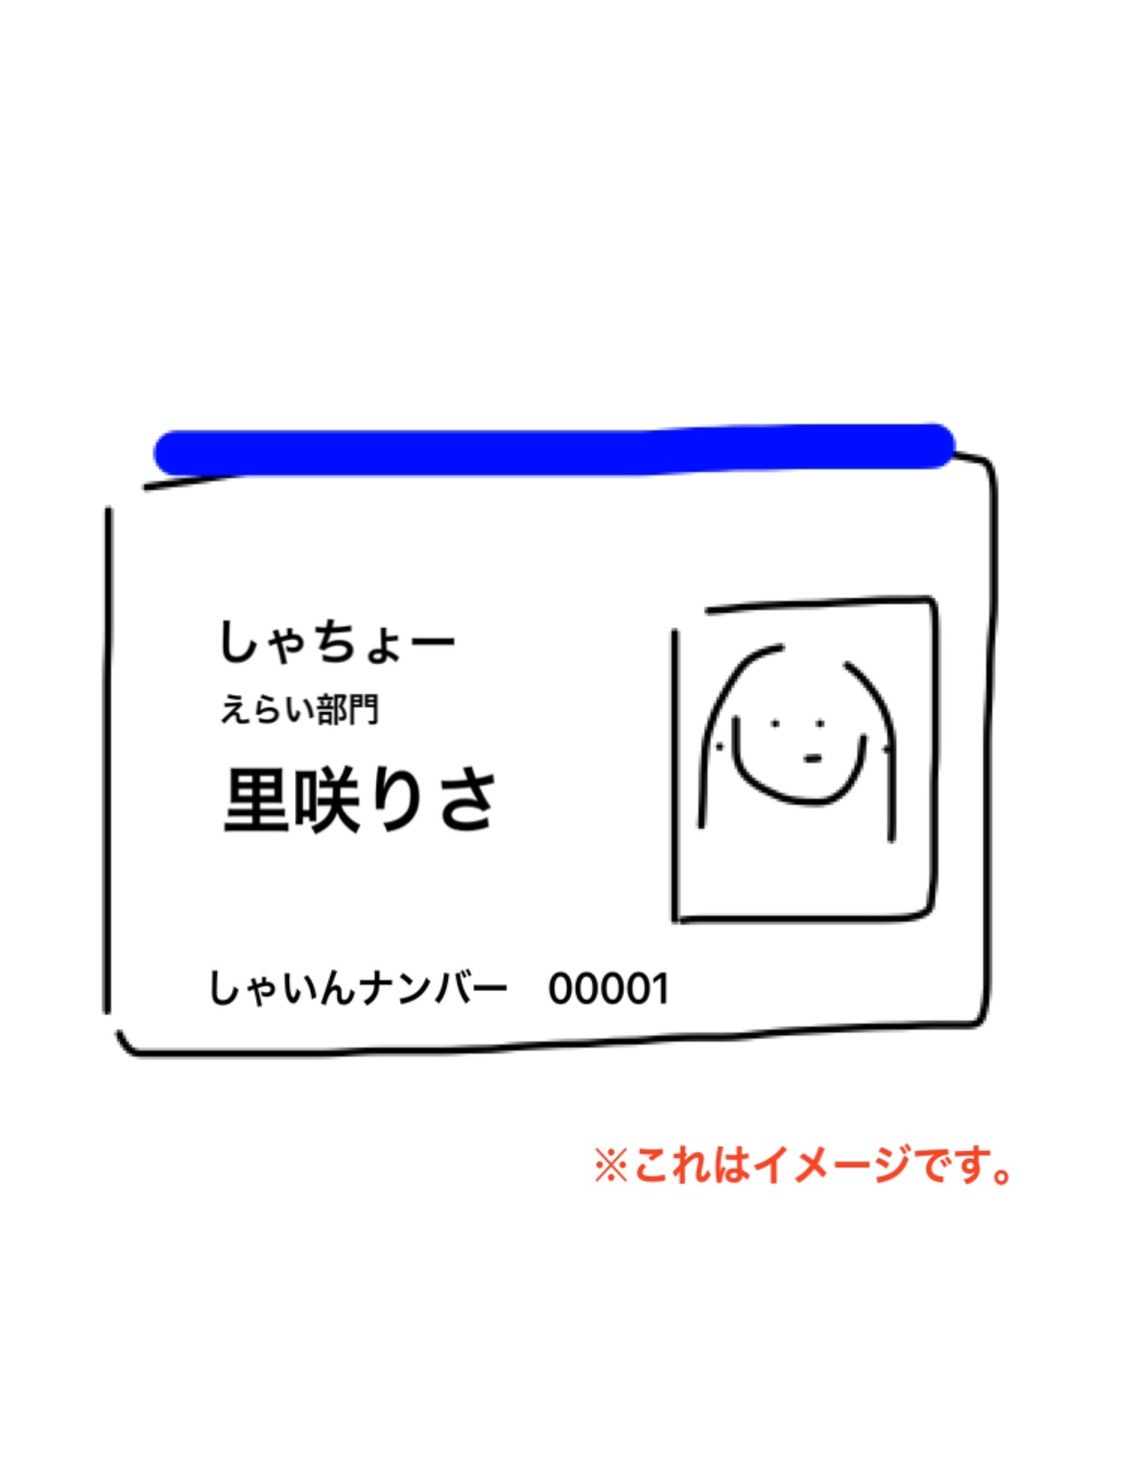 【第2次受付】社員証3000円